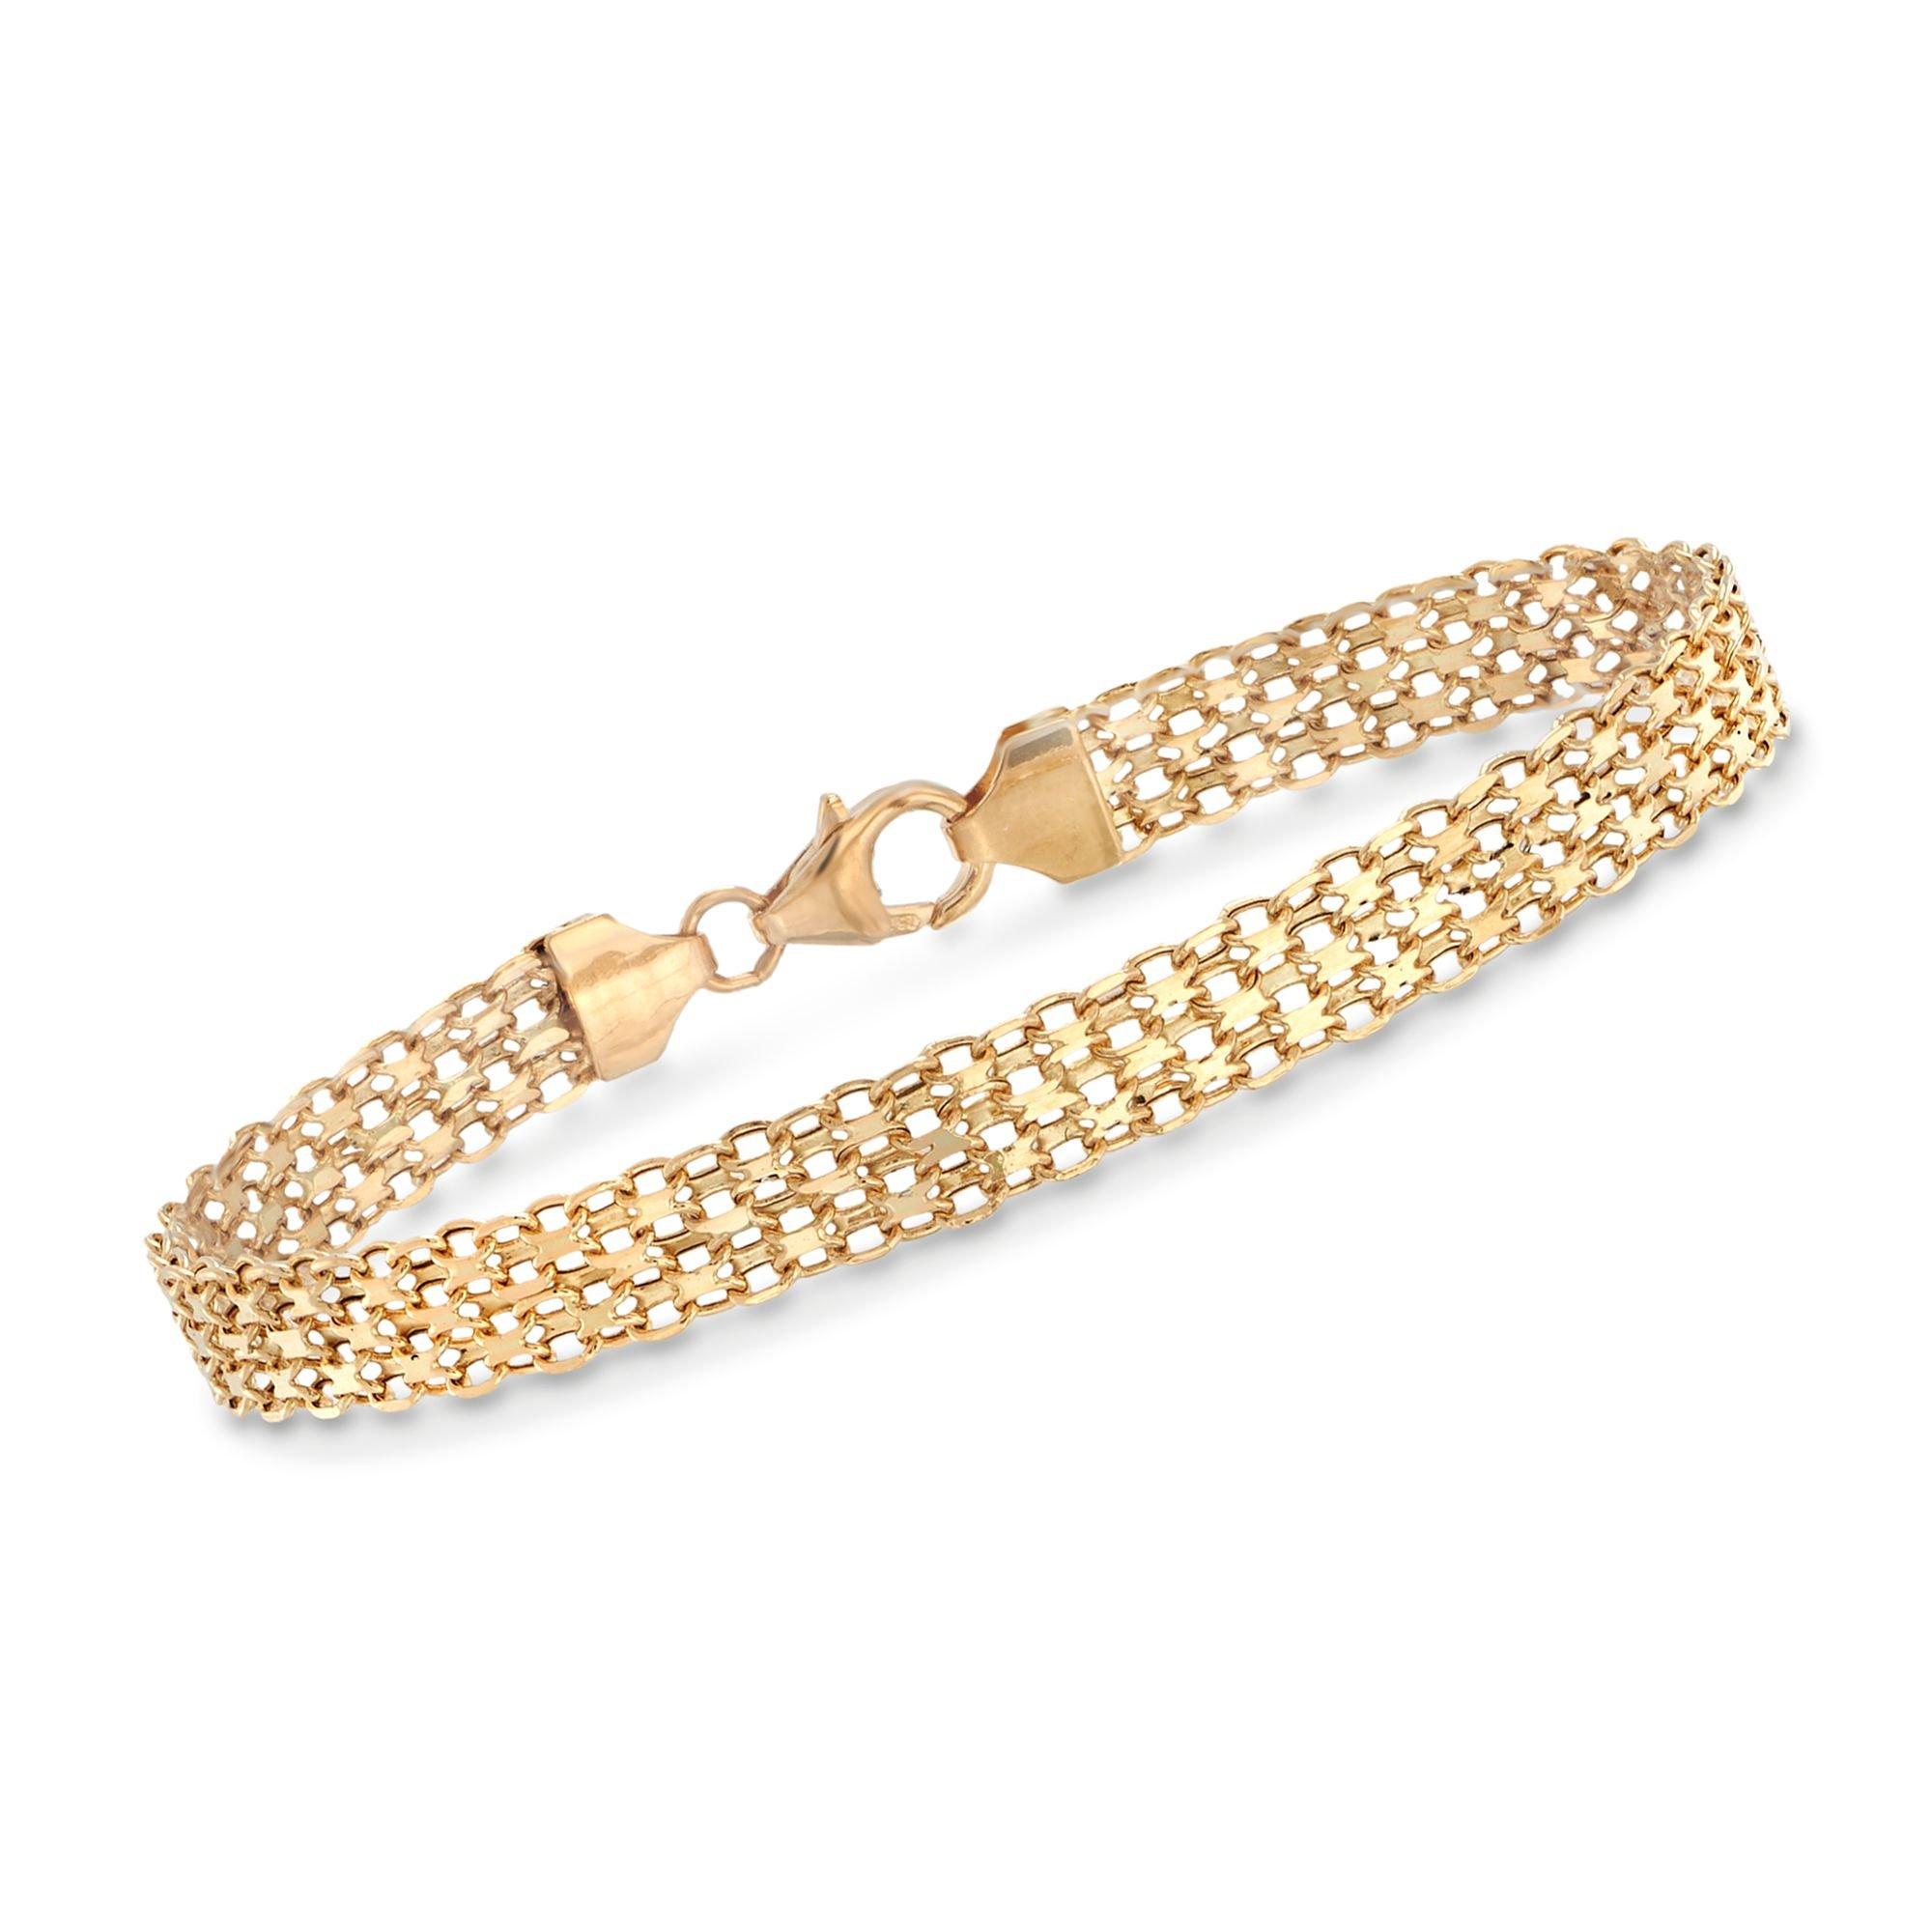 Ross-Simons Italian 18kt Yellow Gold Bismark-Link Bracelet